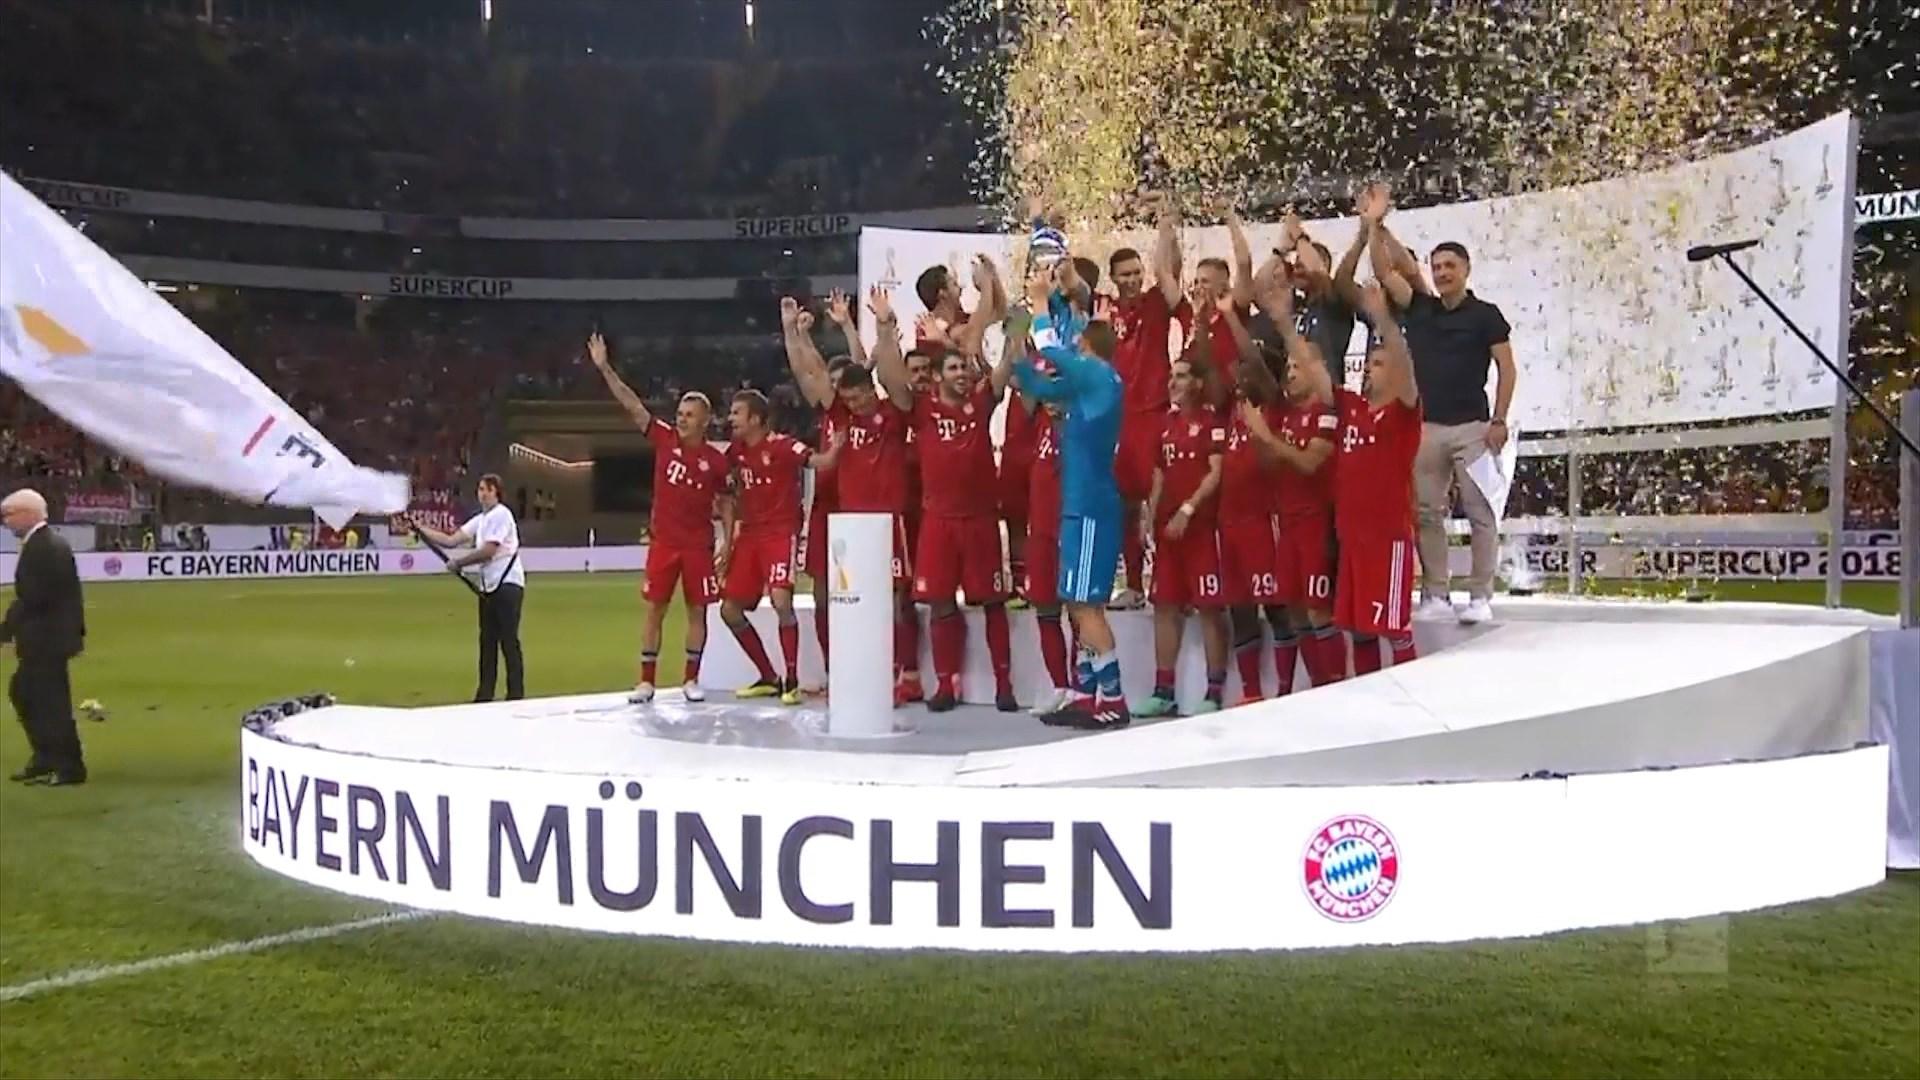 Bayern-Dortmund s'u transmetua në Iran për një arsye skandaloze